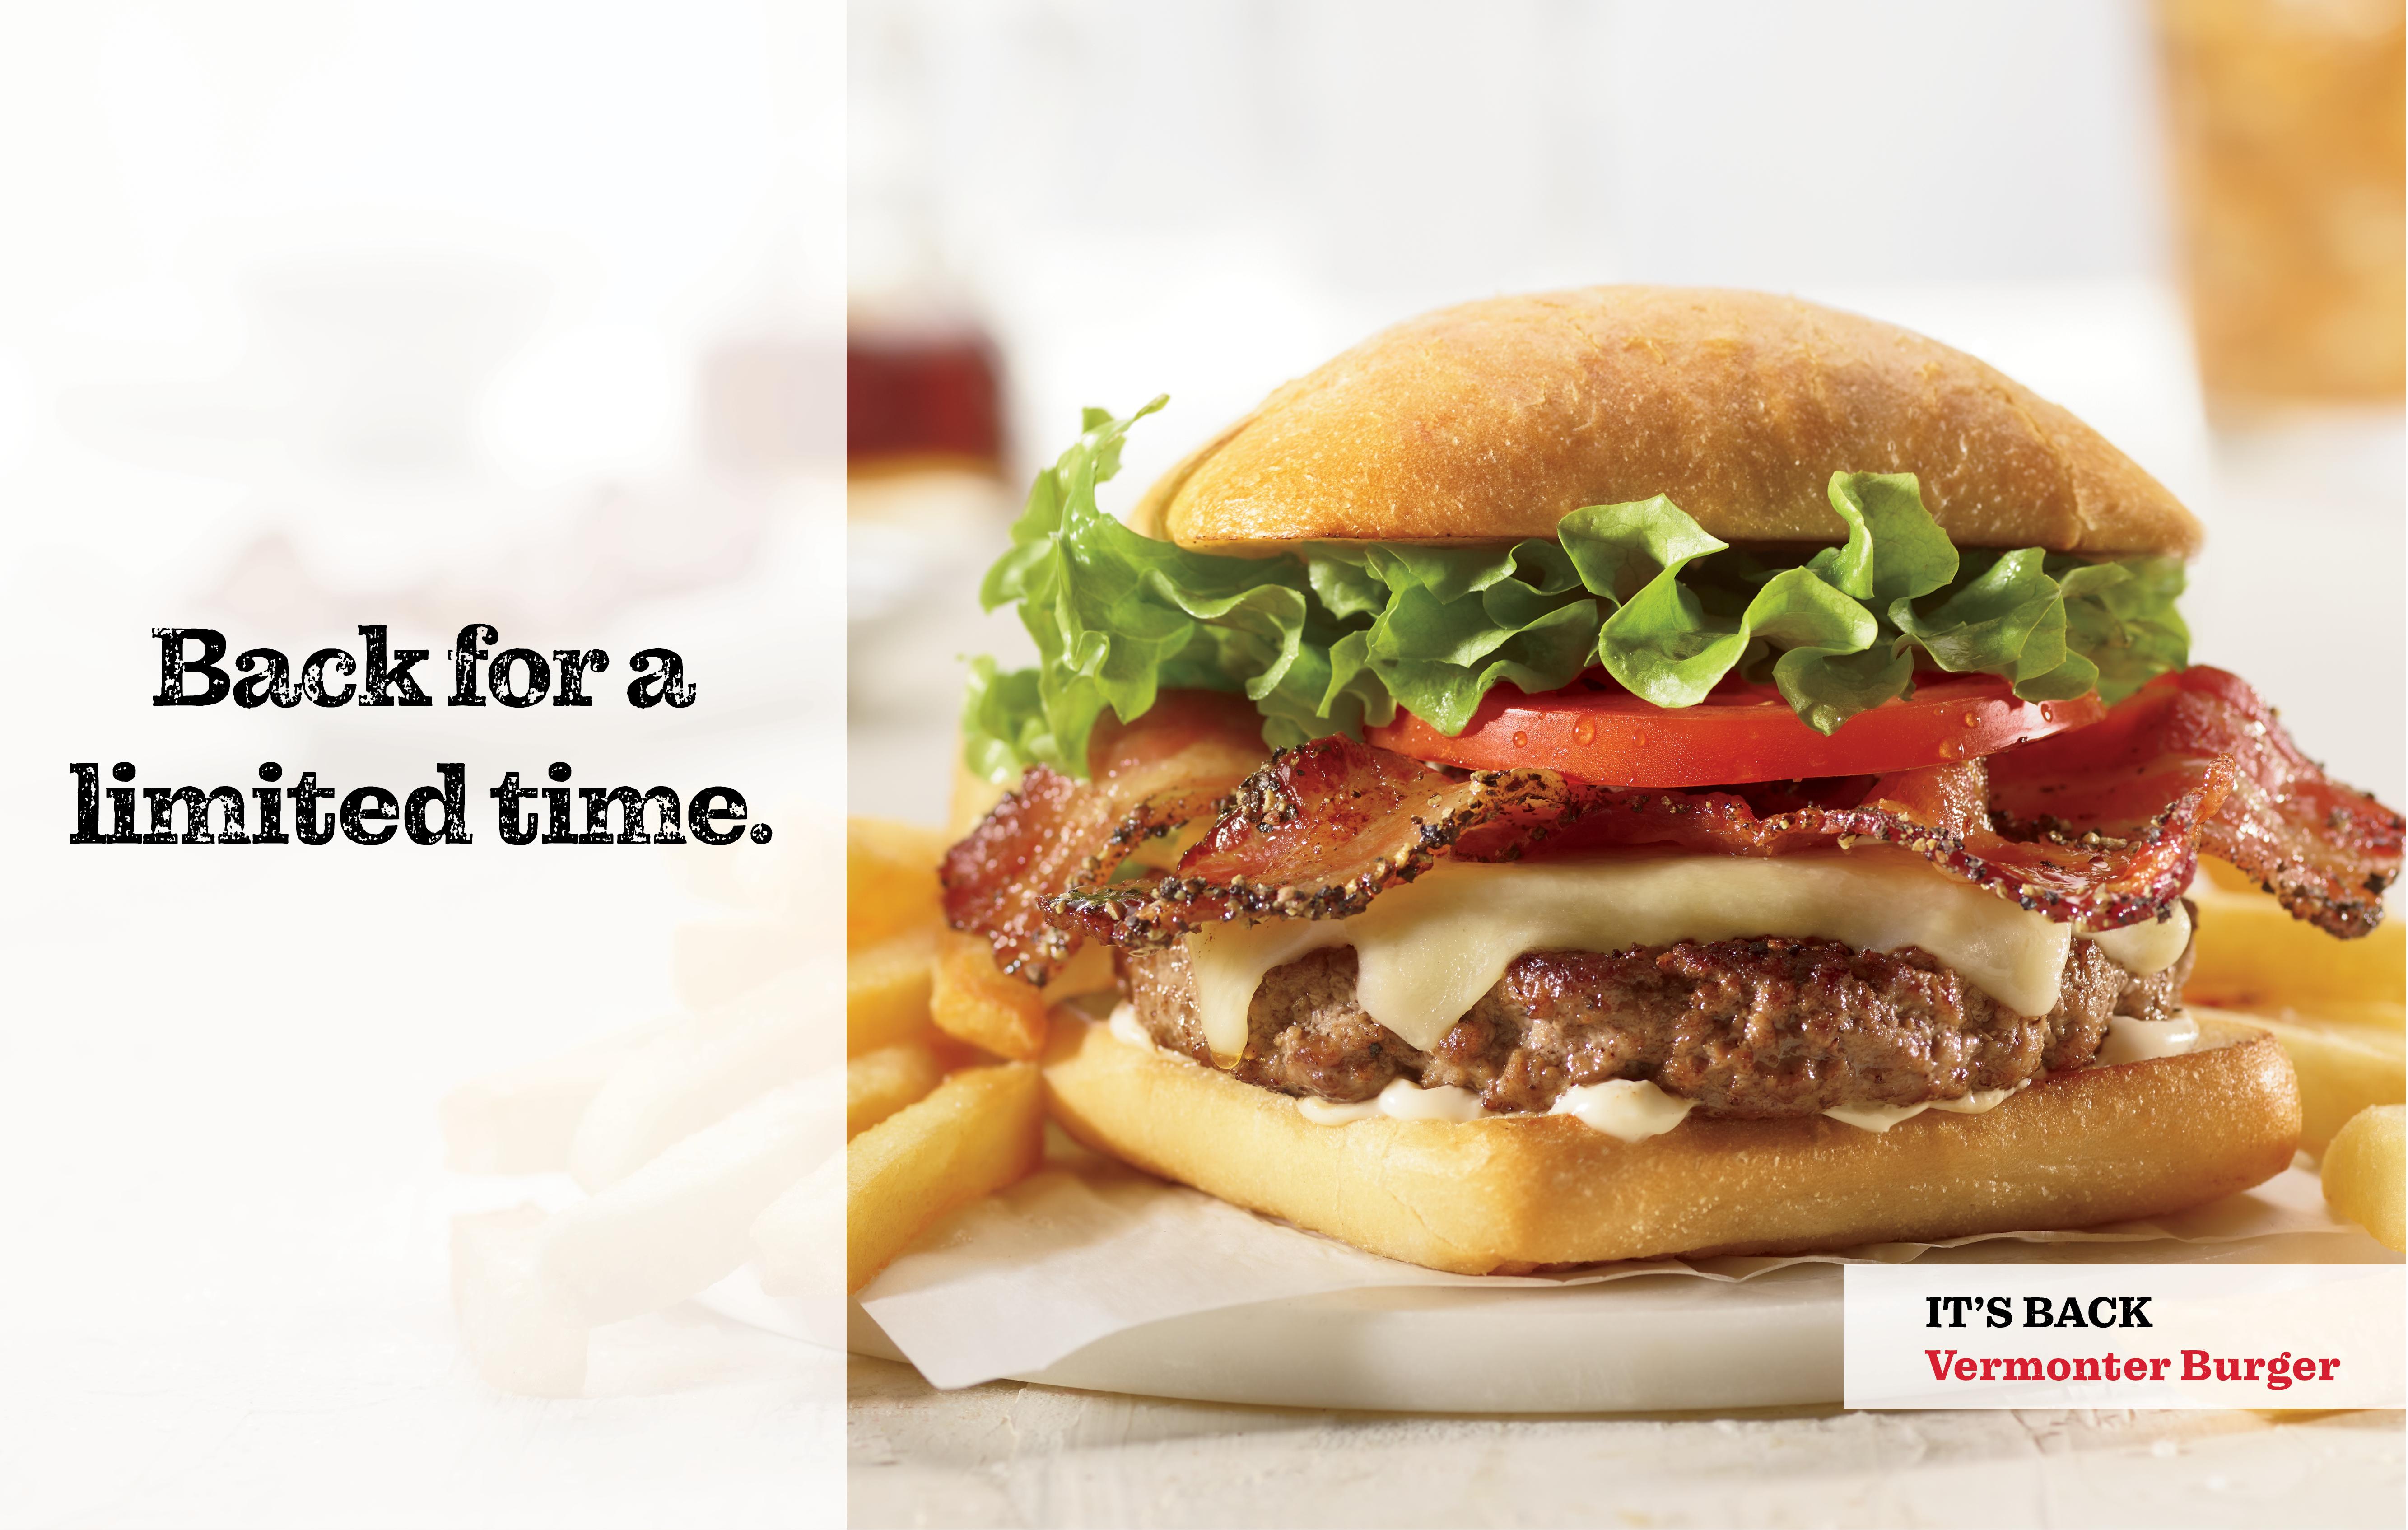 Vermonter Burger